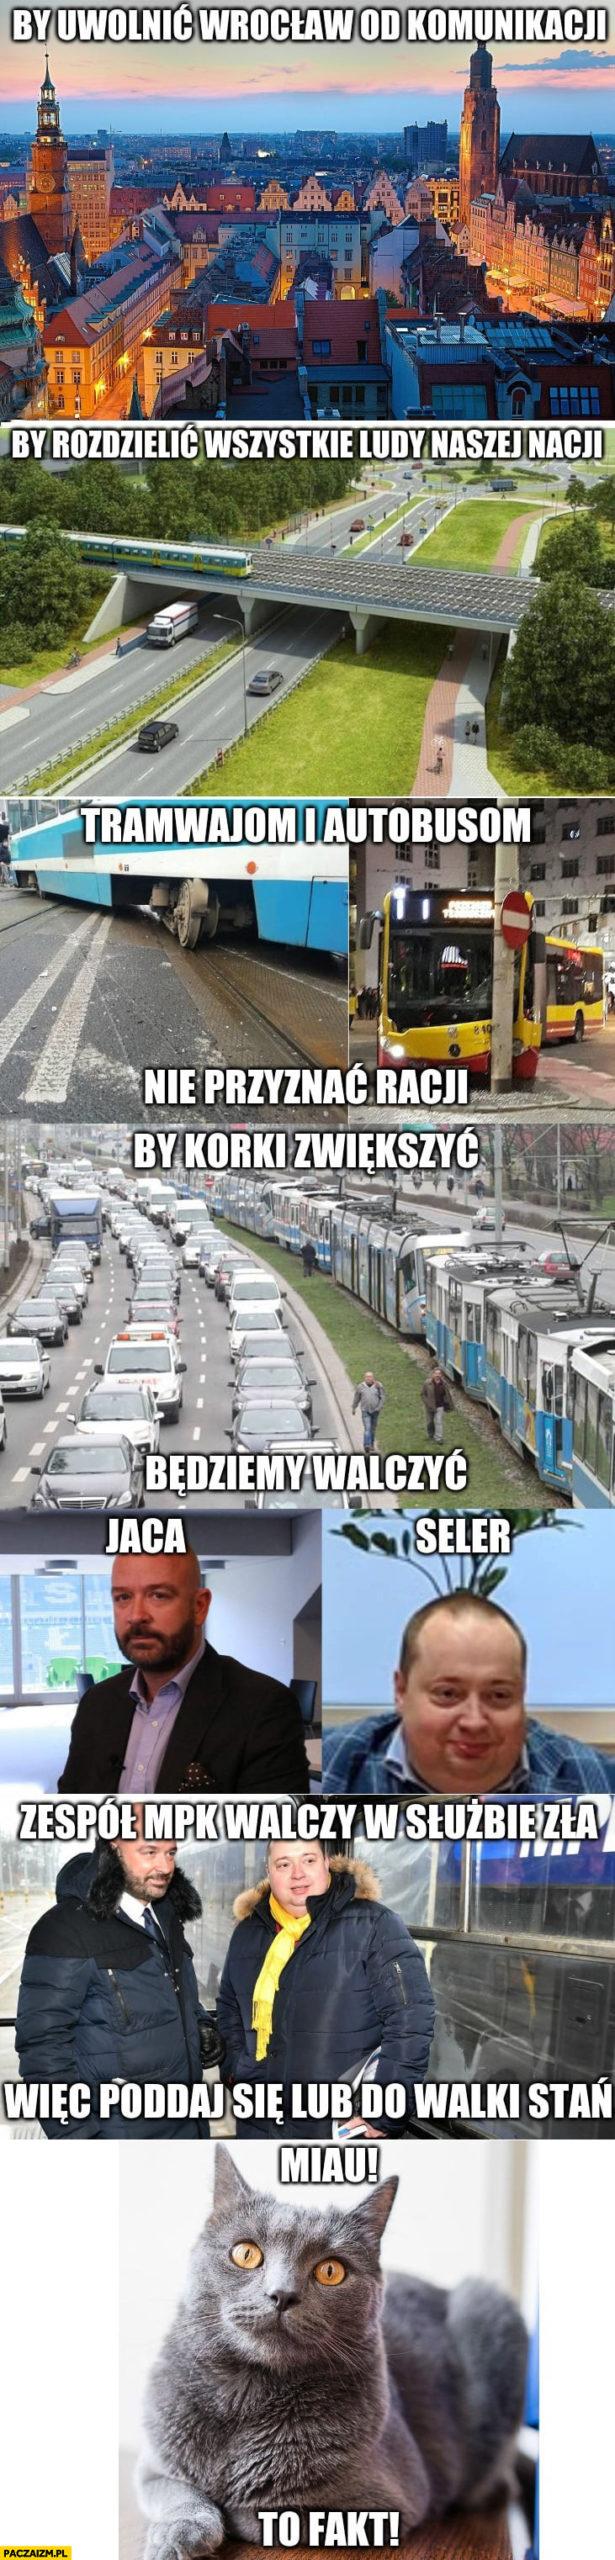 MPK Wrocław by uwolnić Wrocław od komunikacji, tramwajom i autobusom nie przyznać racji, korki zwiększyć Jaca Seler zespół MPK walczy w służbie zła, poddaj się lub do walki stań, miau to fakt